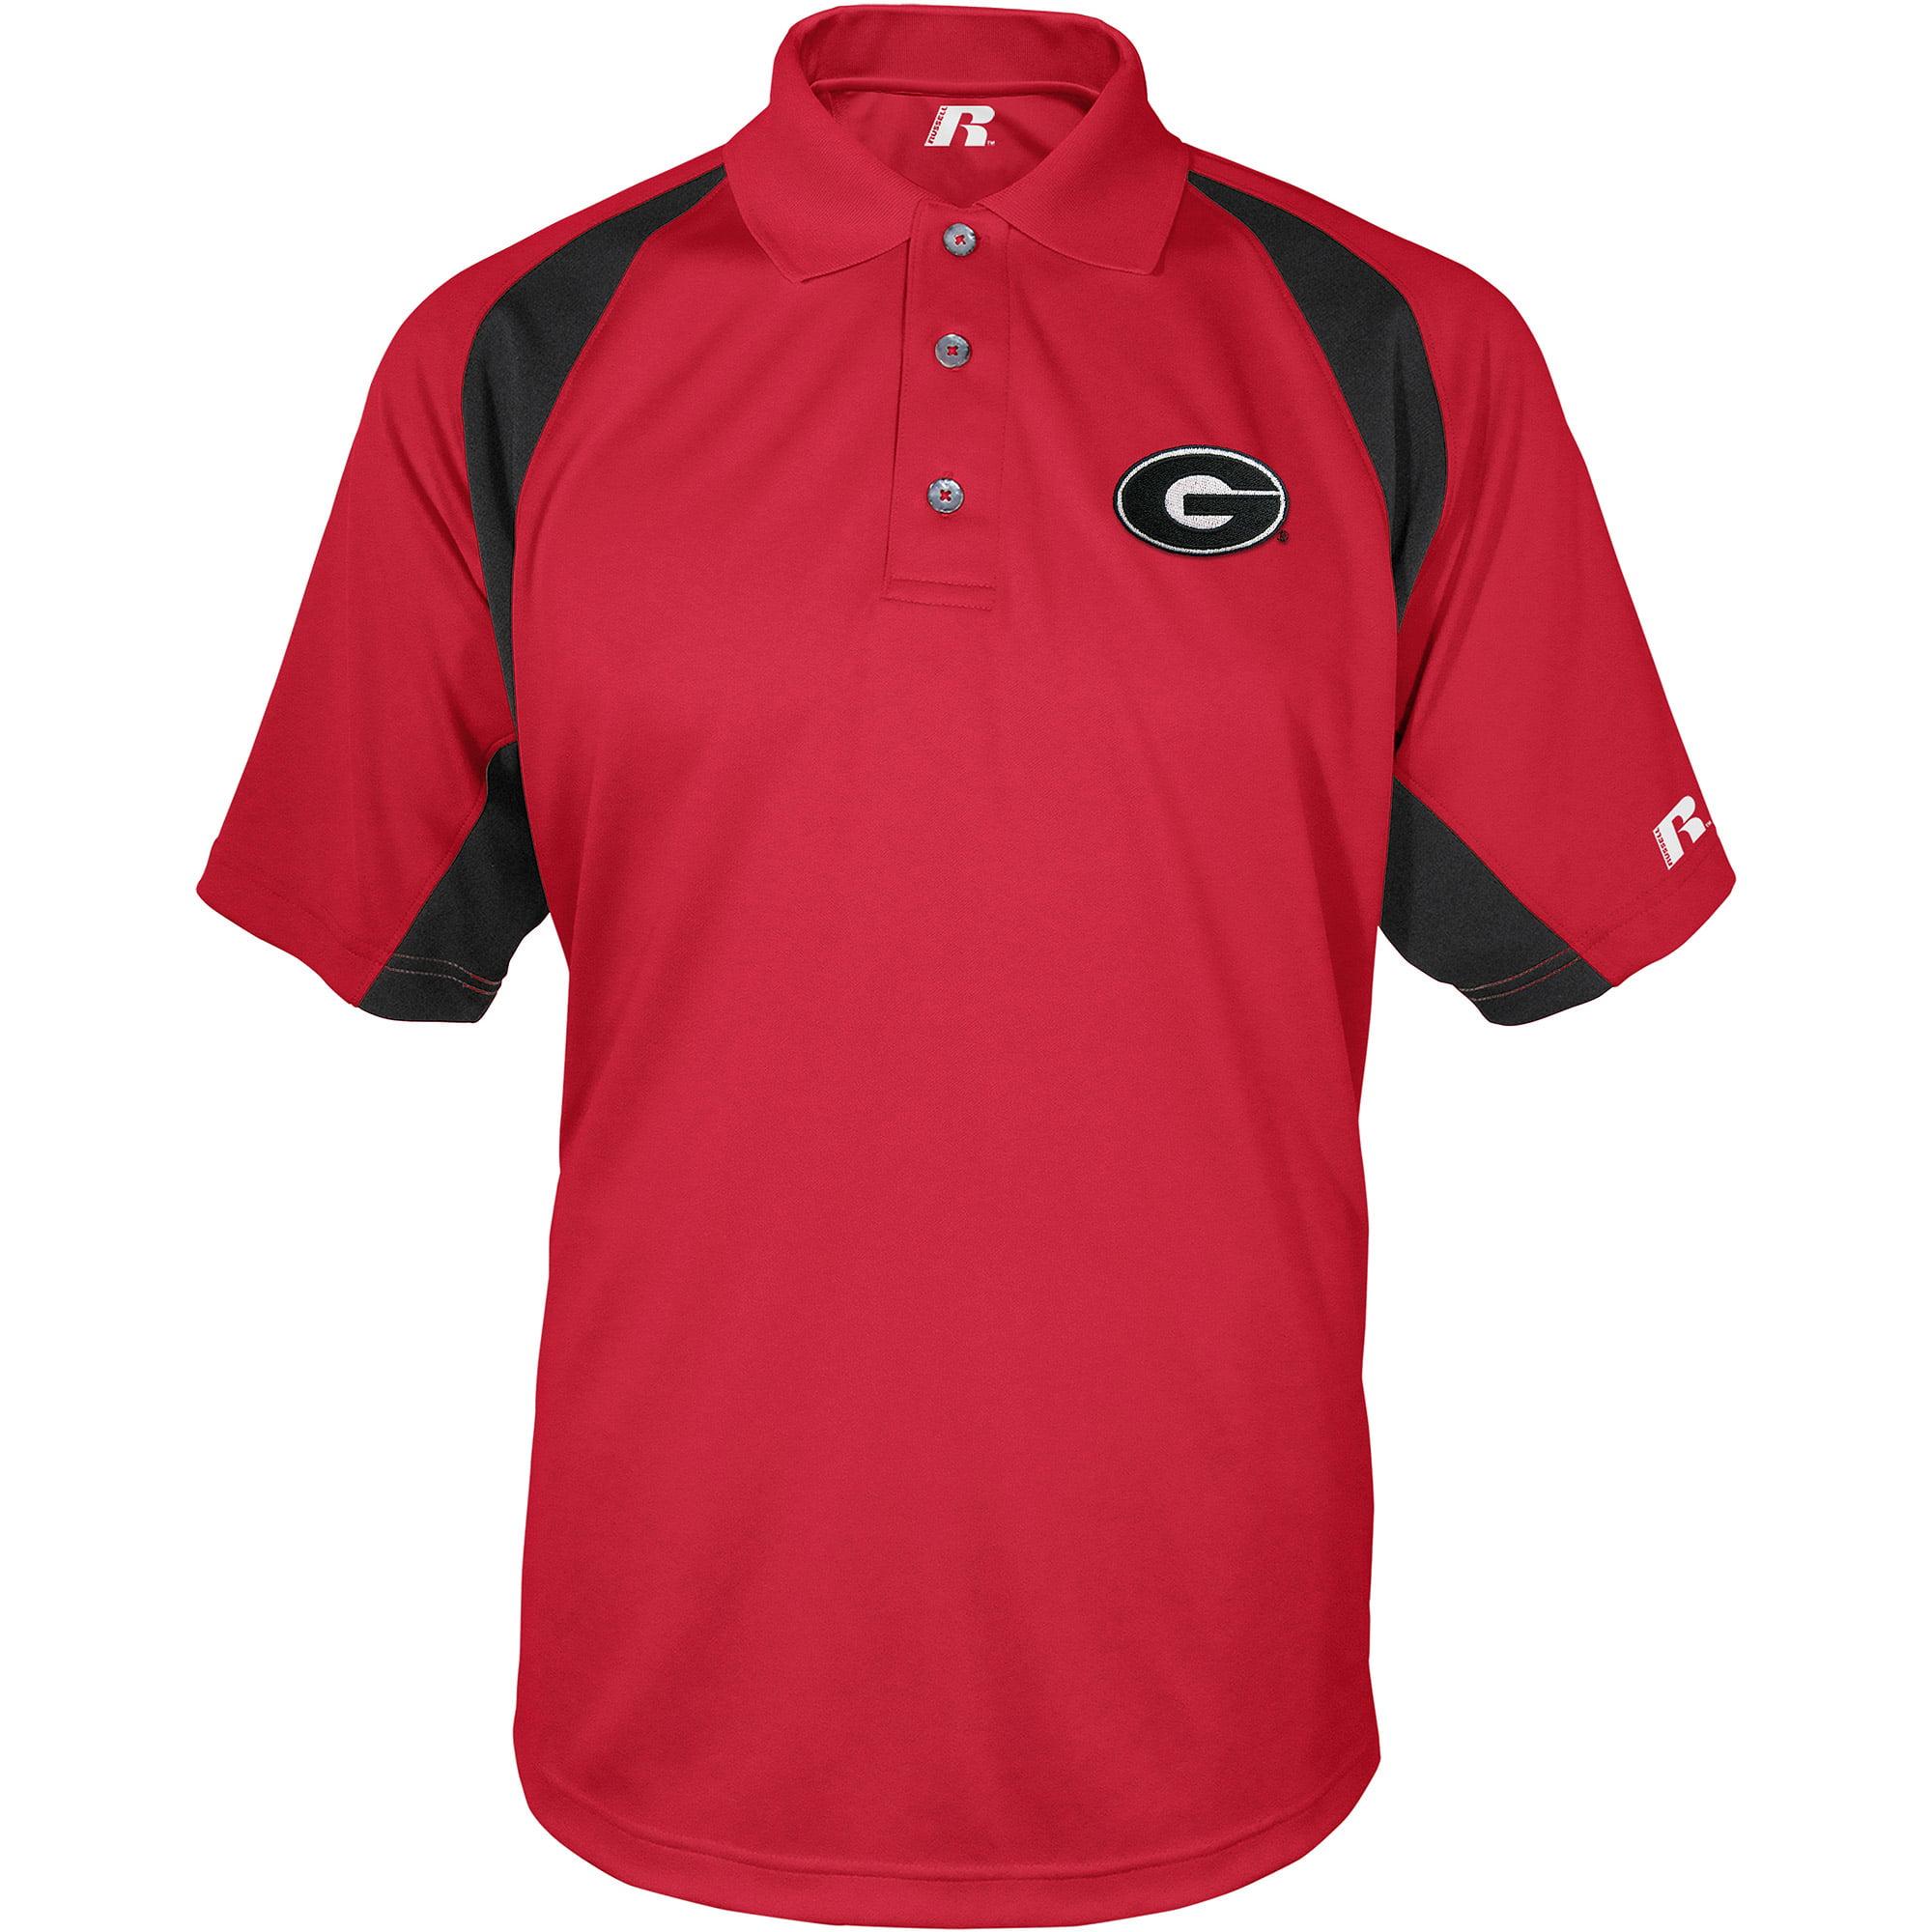 Russell NCAA Georgia Bulldogs, Men's Synthetic Polo